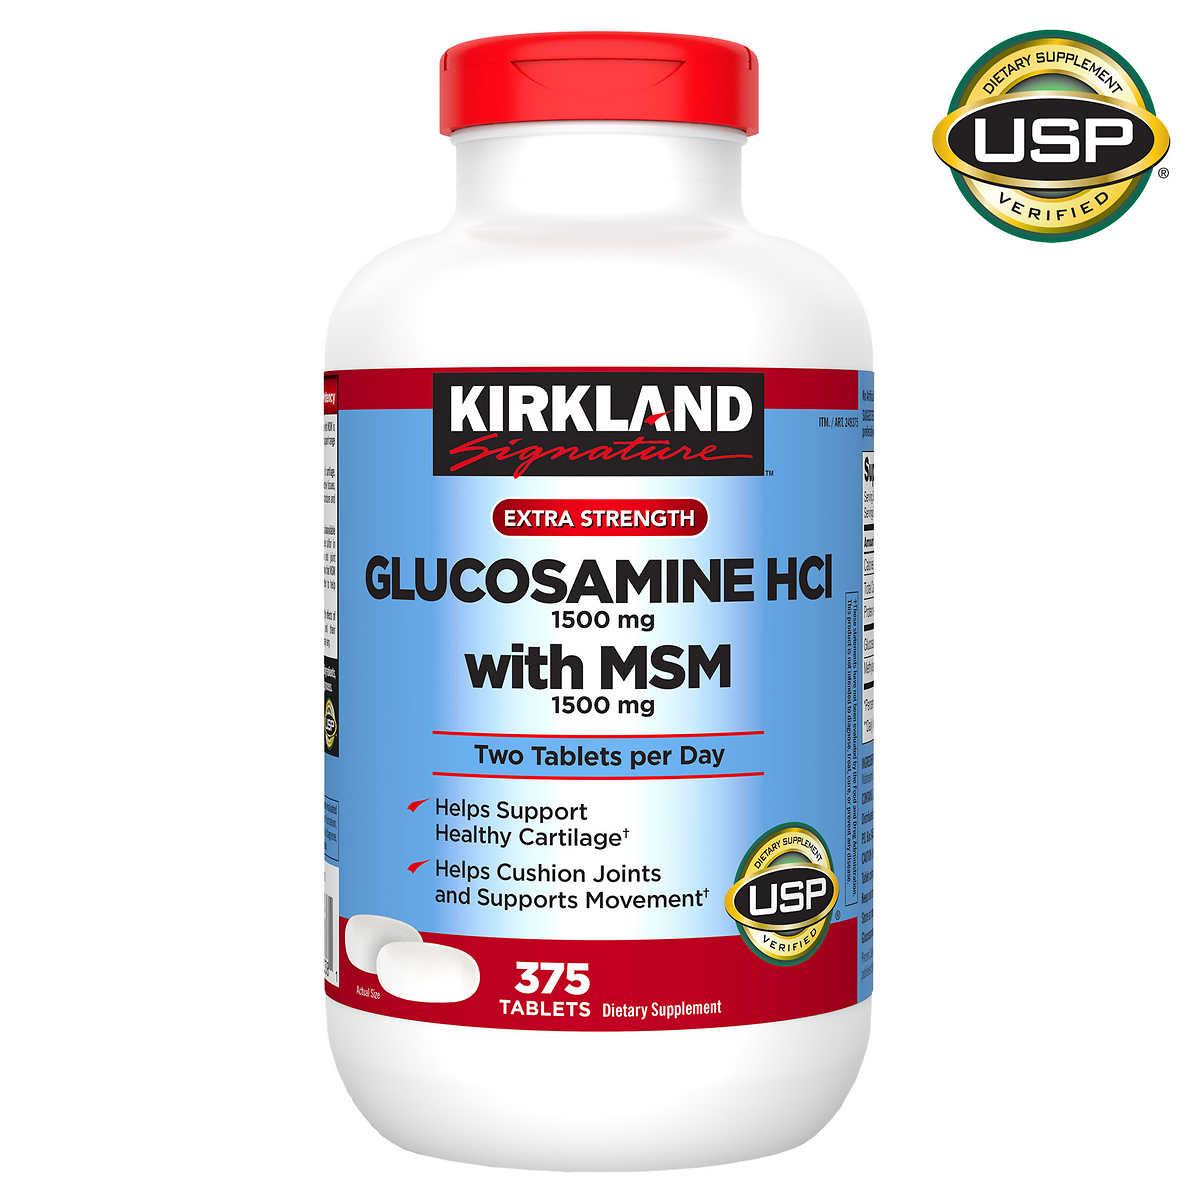 glucosamine chondroitin msm)